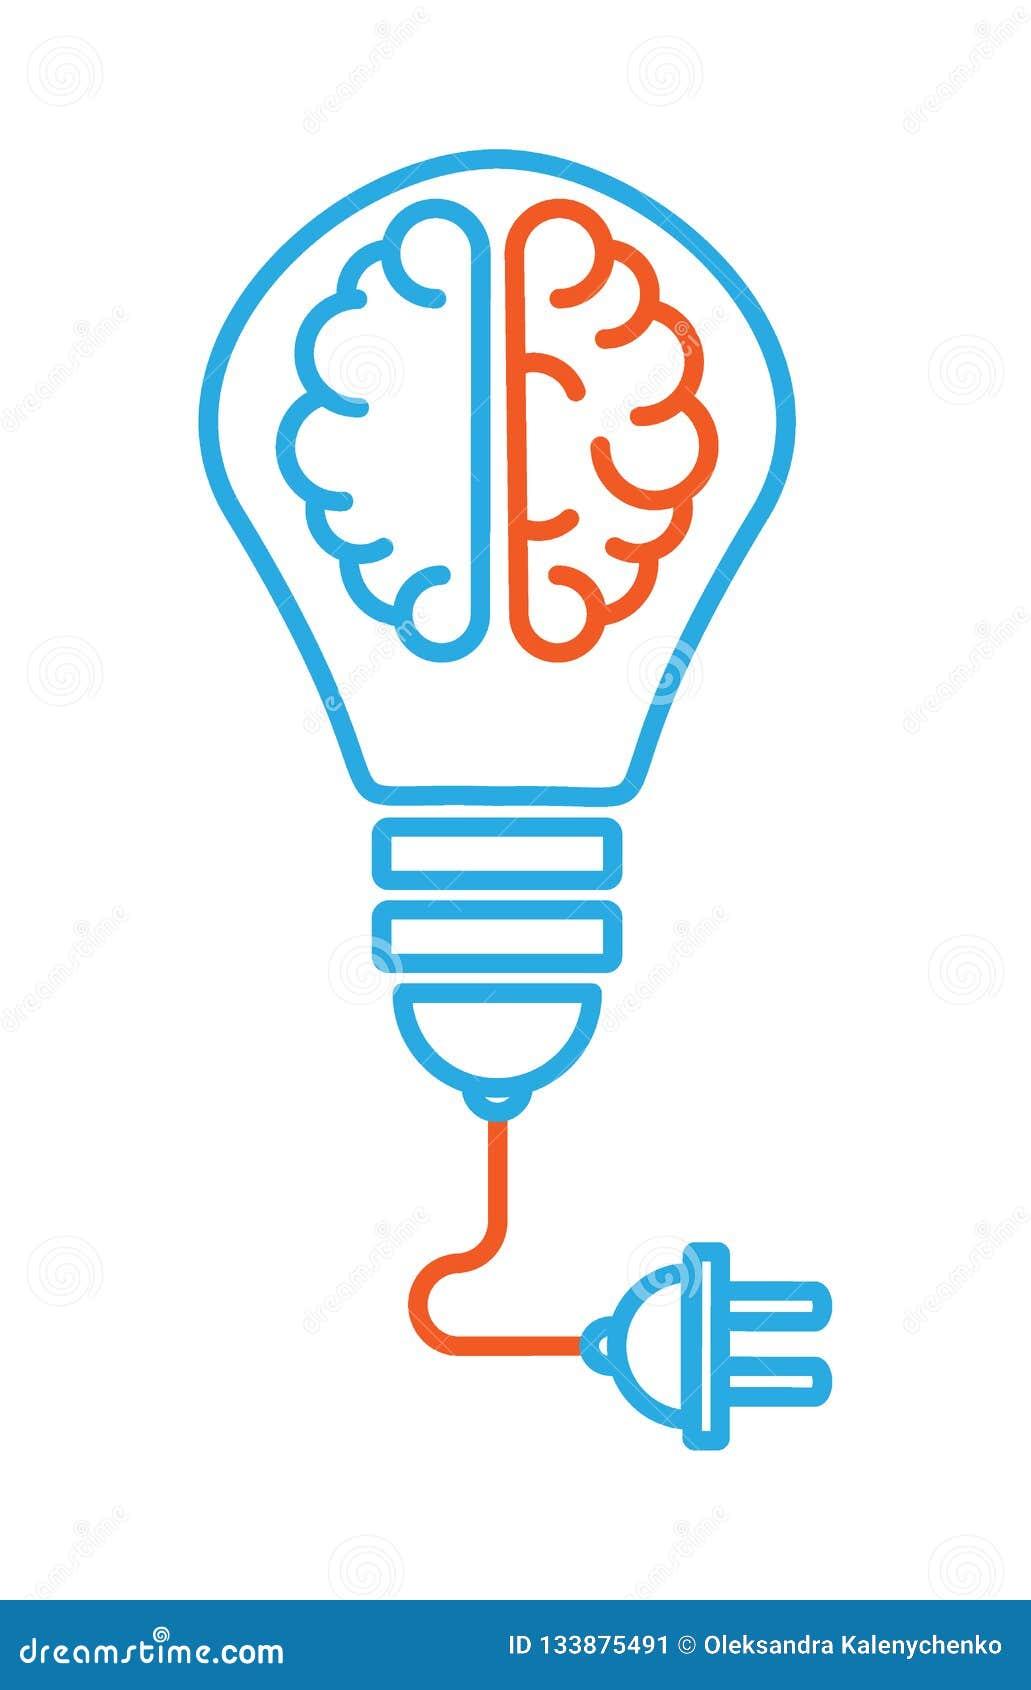 O ícone no assunto é uma boa ideia um ícone linear com dois hemisférios diferentes do cérebro dentro do bulbo, de que há um cabo